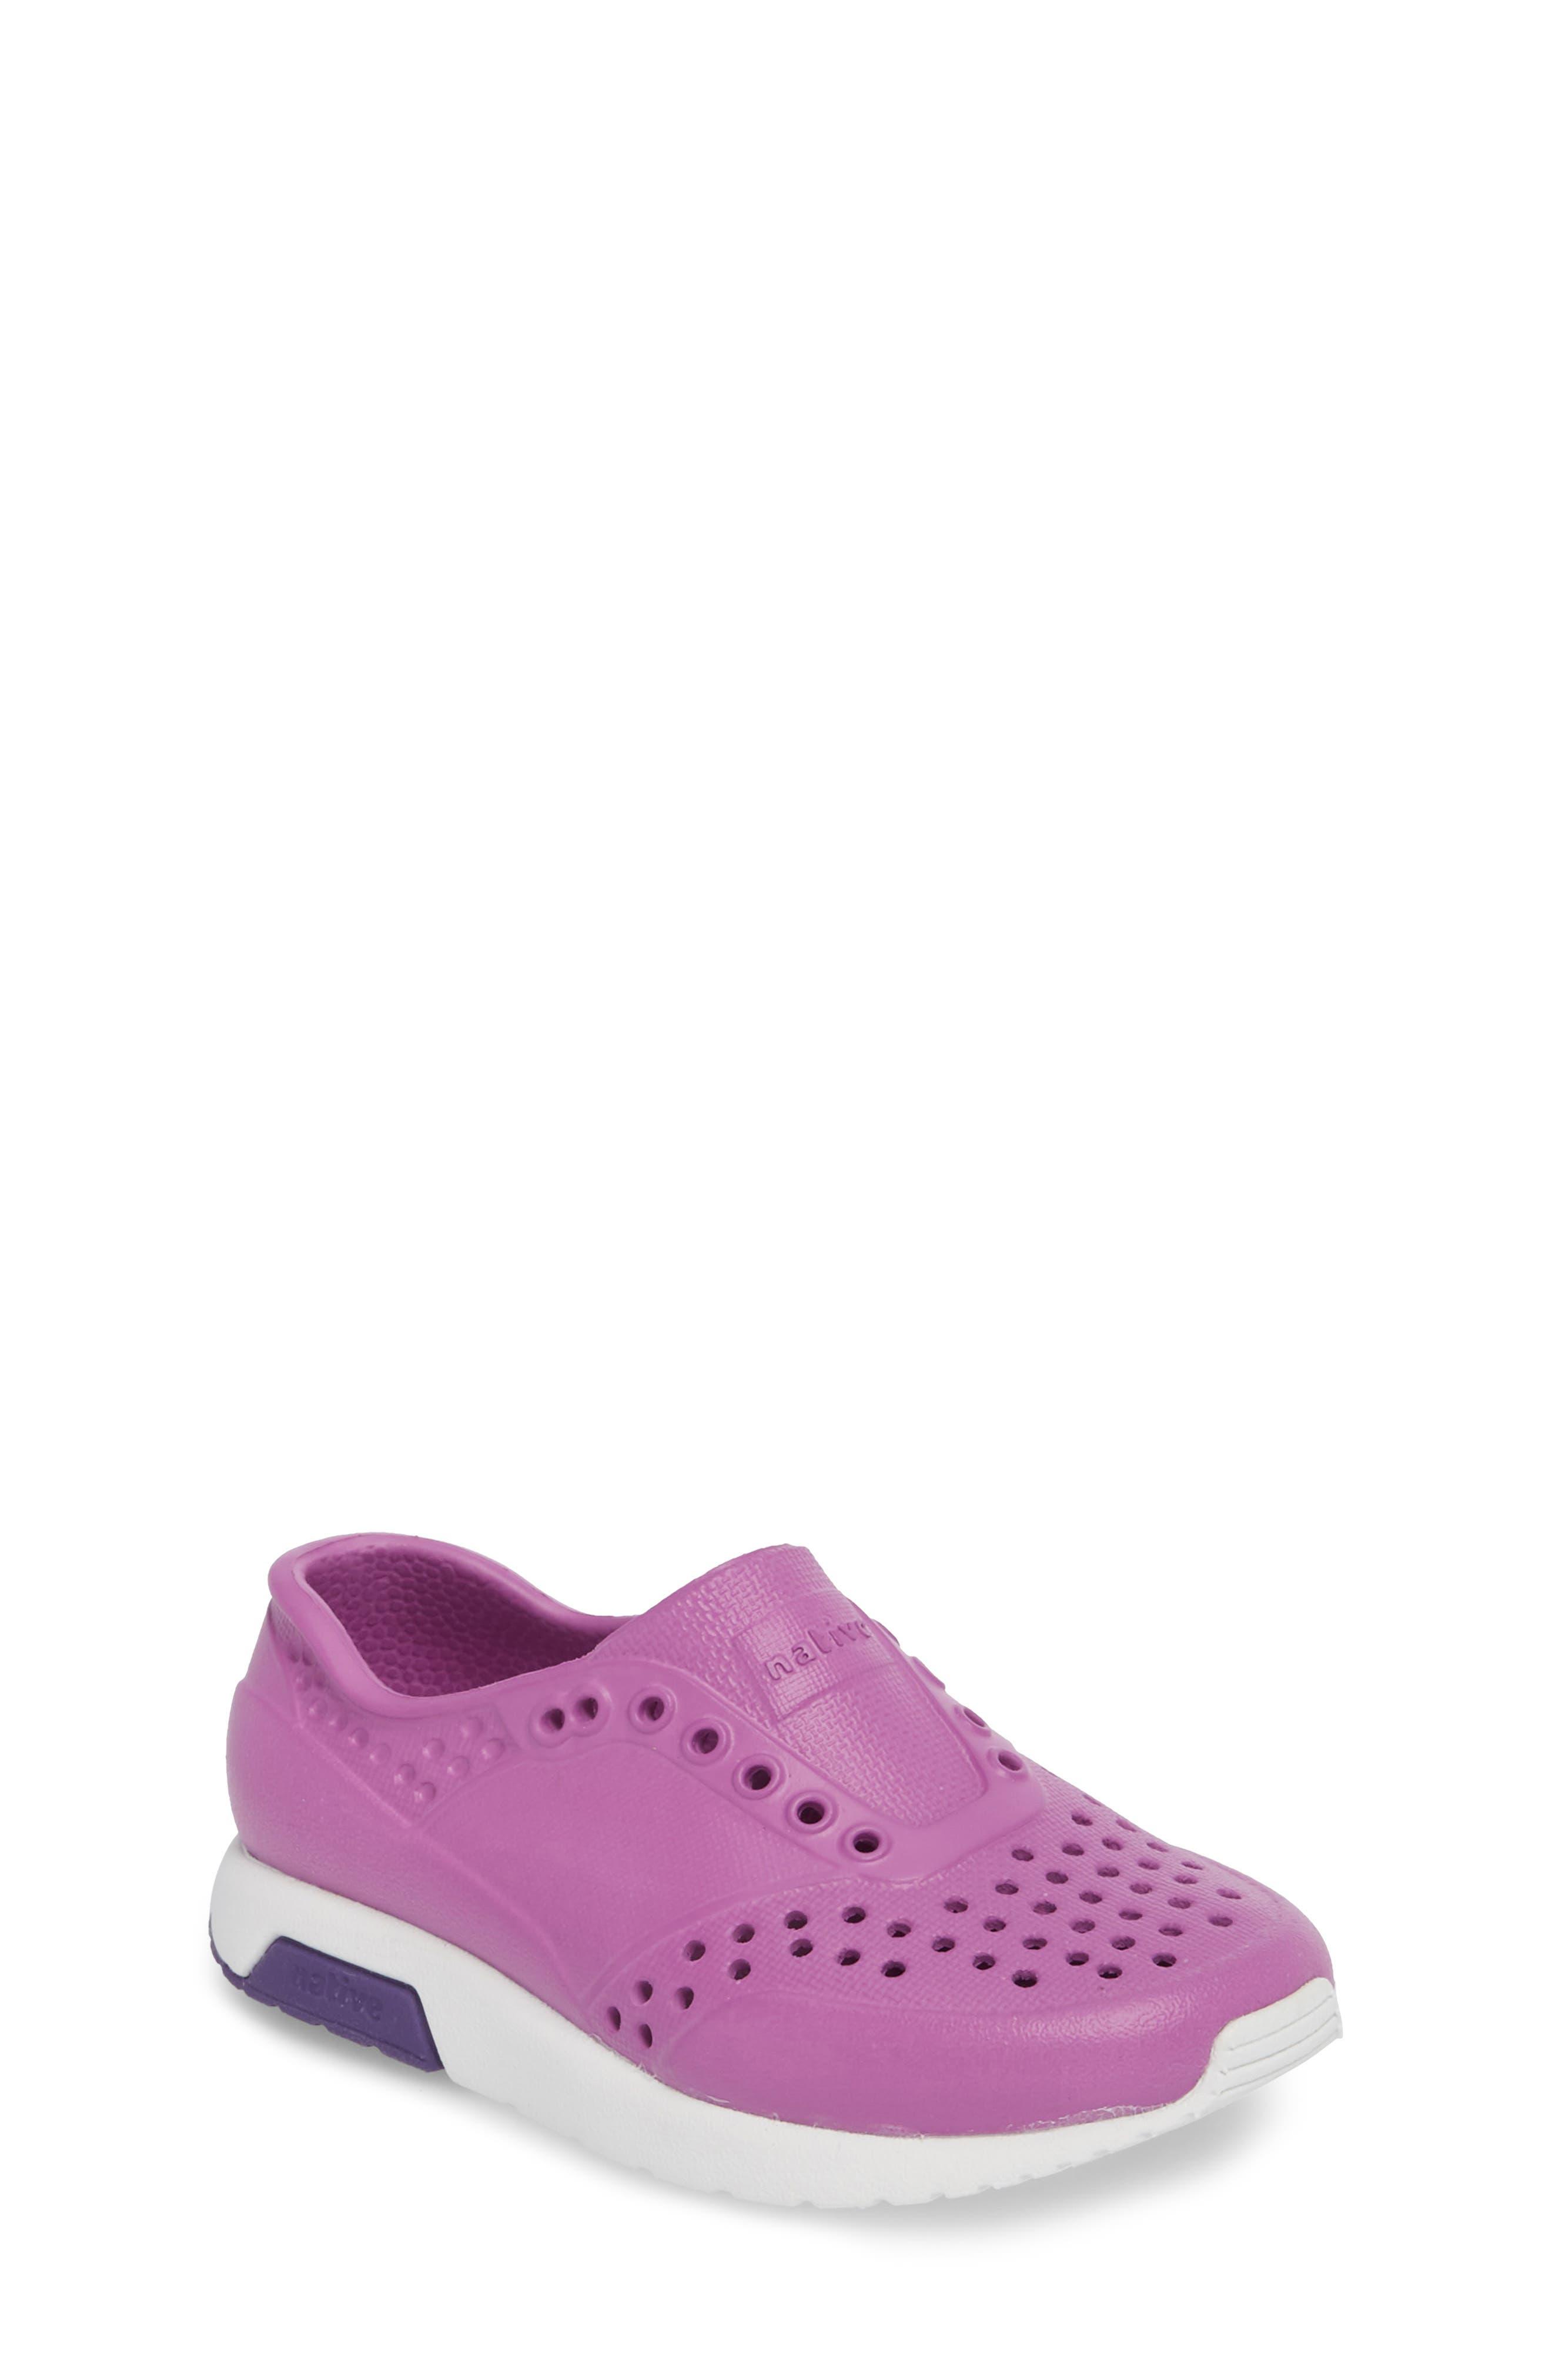 Native Shoes Lennox Slip-On Sneaker (Walker, Toddler & Little Kid)